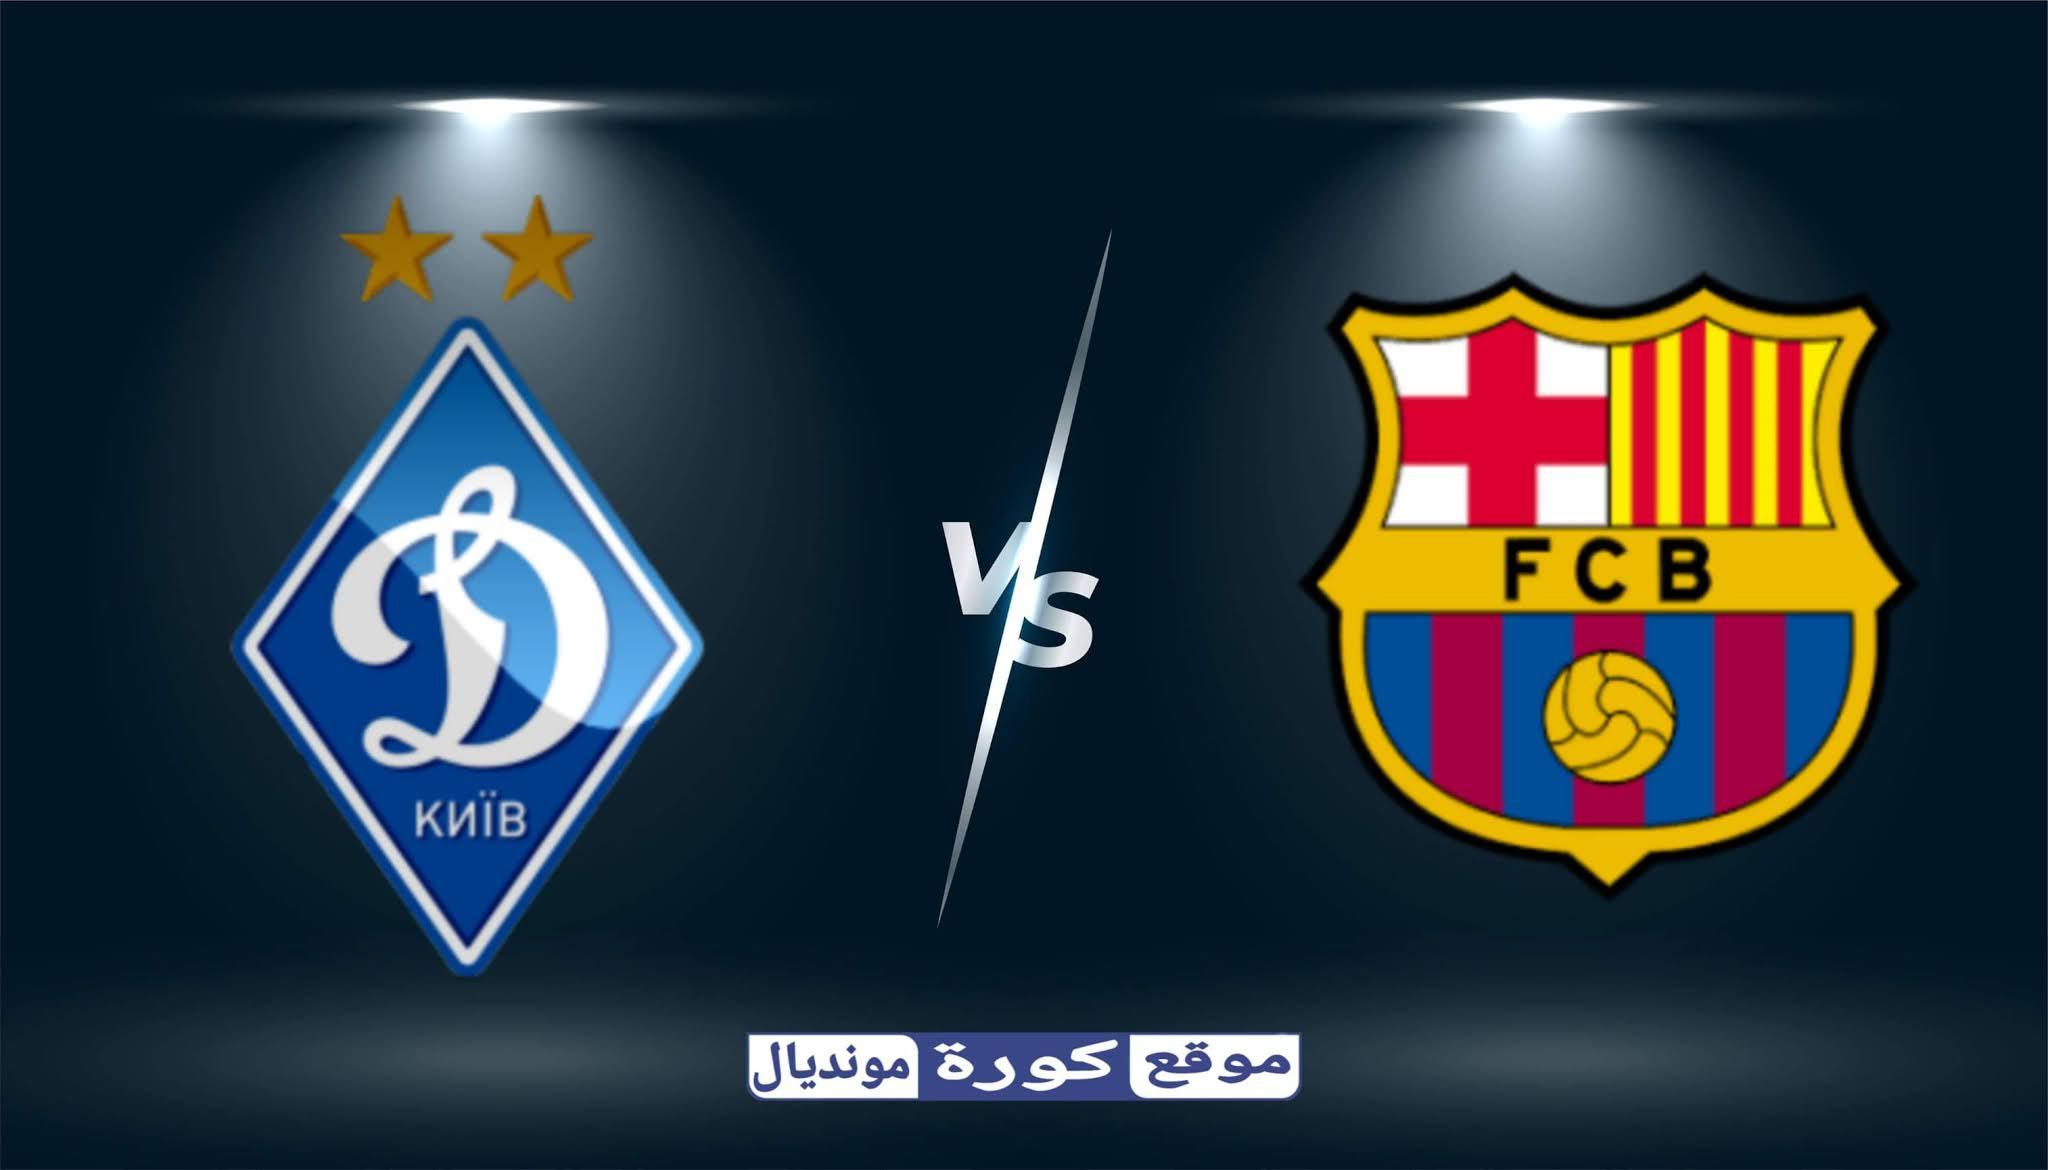 مشاهدة مباراة برشلونة و دينامو كييف بث مباشر اليوم 04-11-2020 في دوري أبطال أوروبا